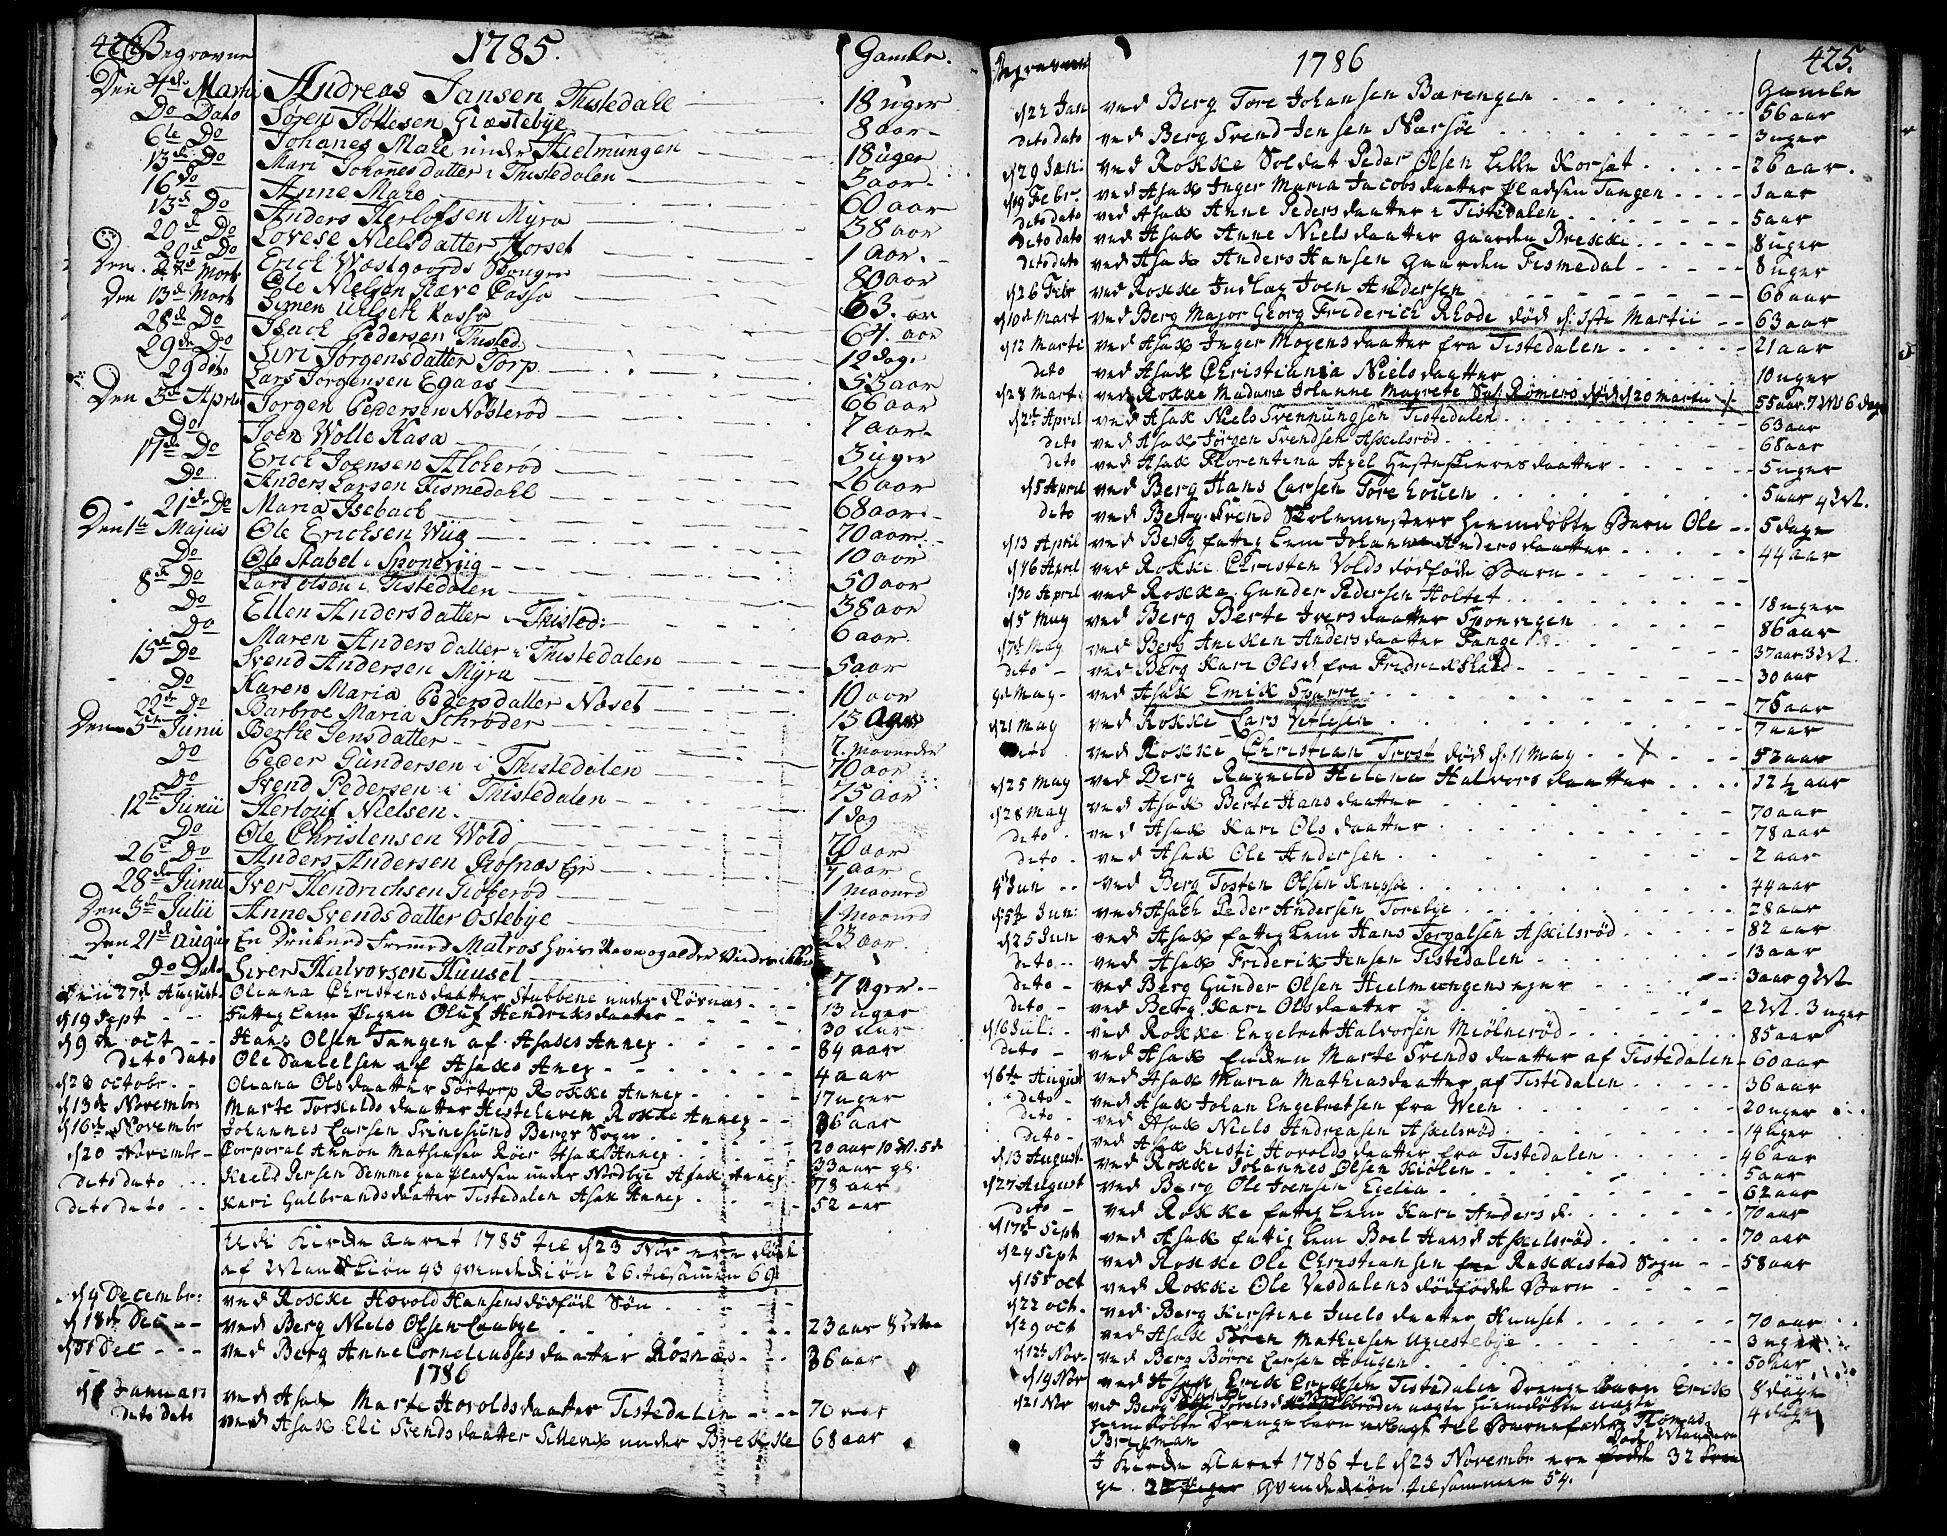 SAO, Berg prestekontor Kirkebøker, F/Fa/L0001: Ministerialbok nr. I 1, 1770-1814, s. 424-425